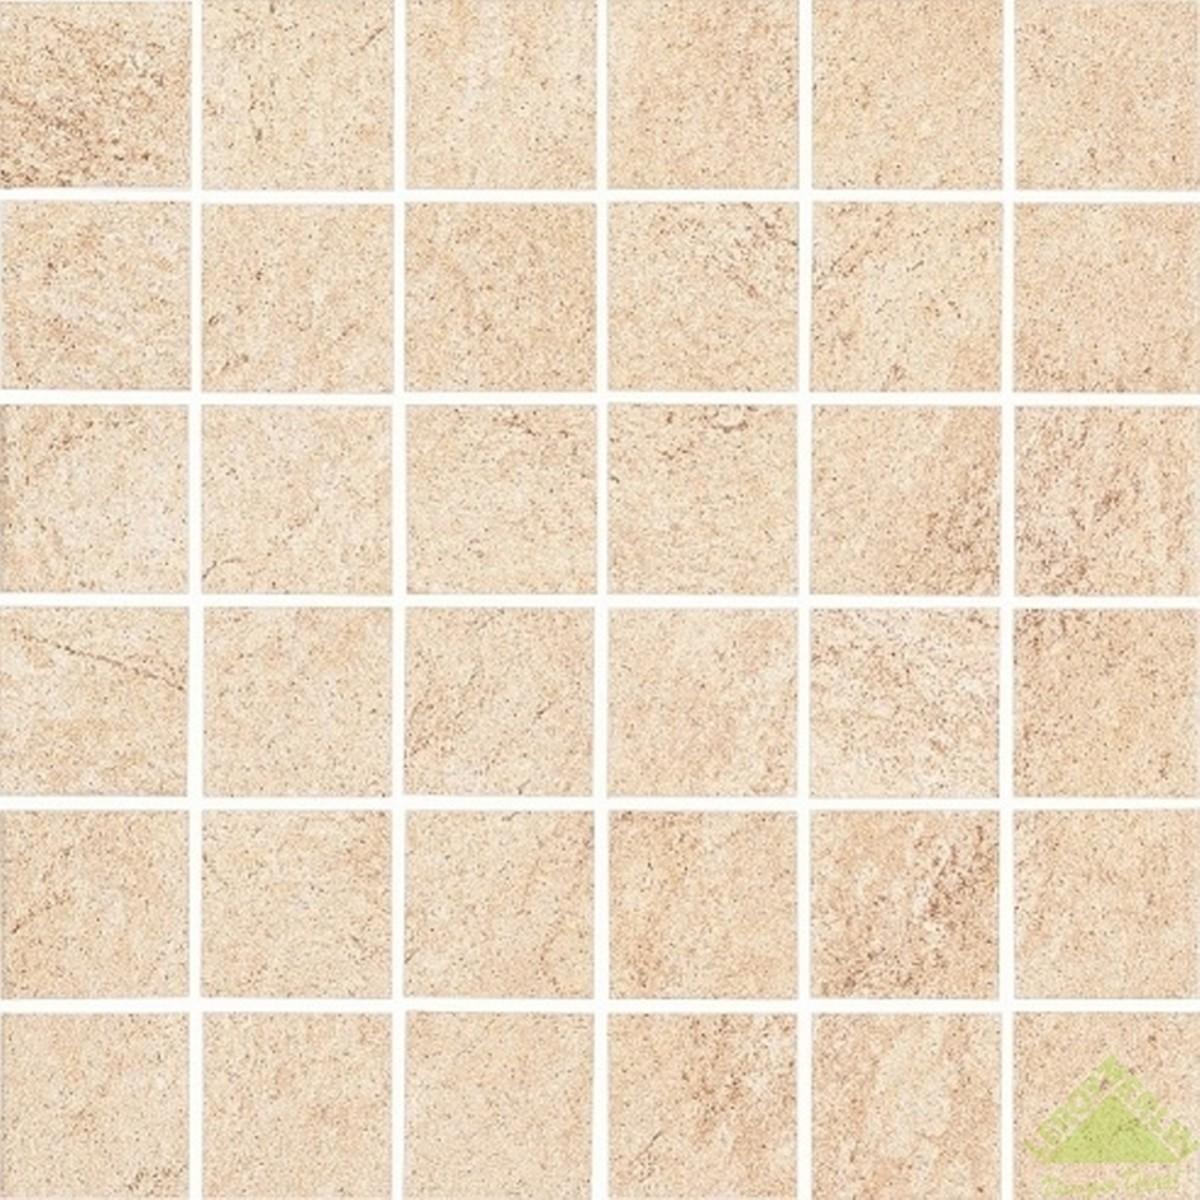 Вставка Karoo beige mozaic 29.7x29.7 см цвет бежевый